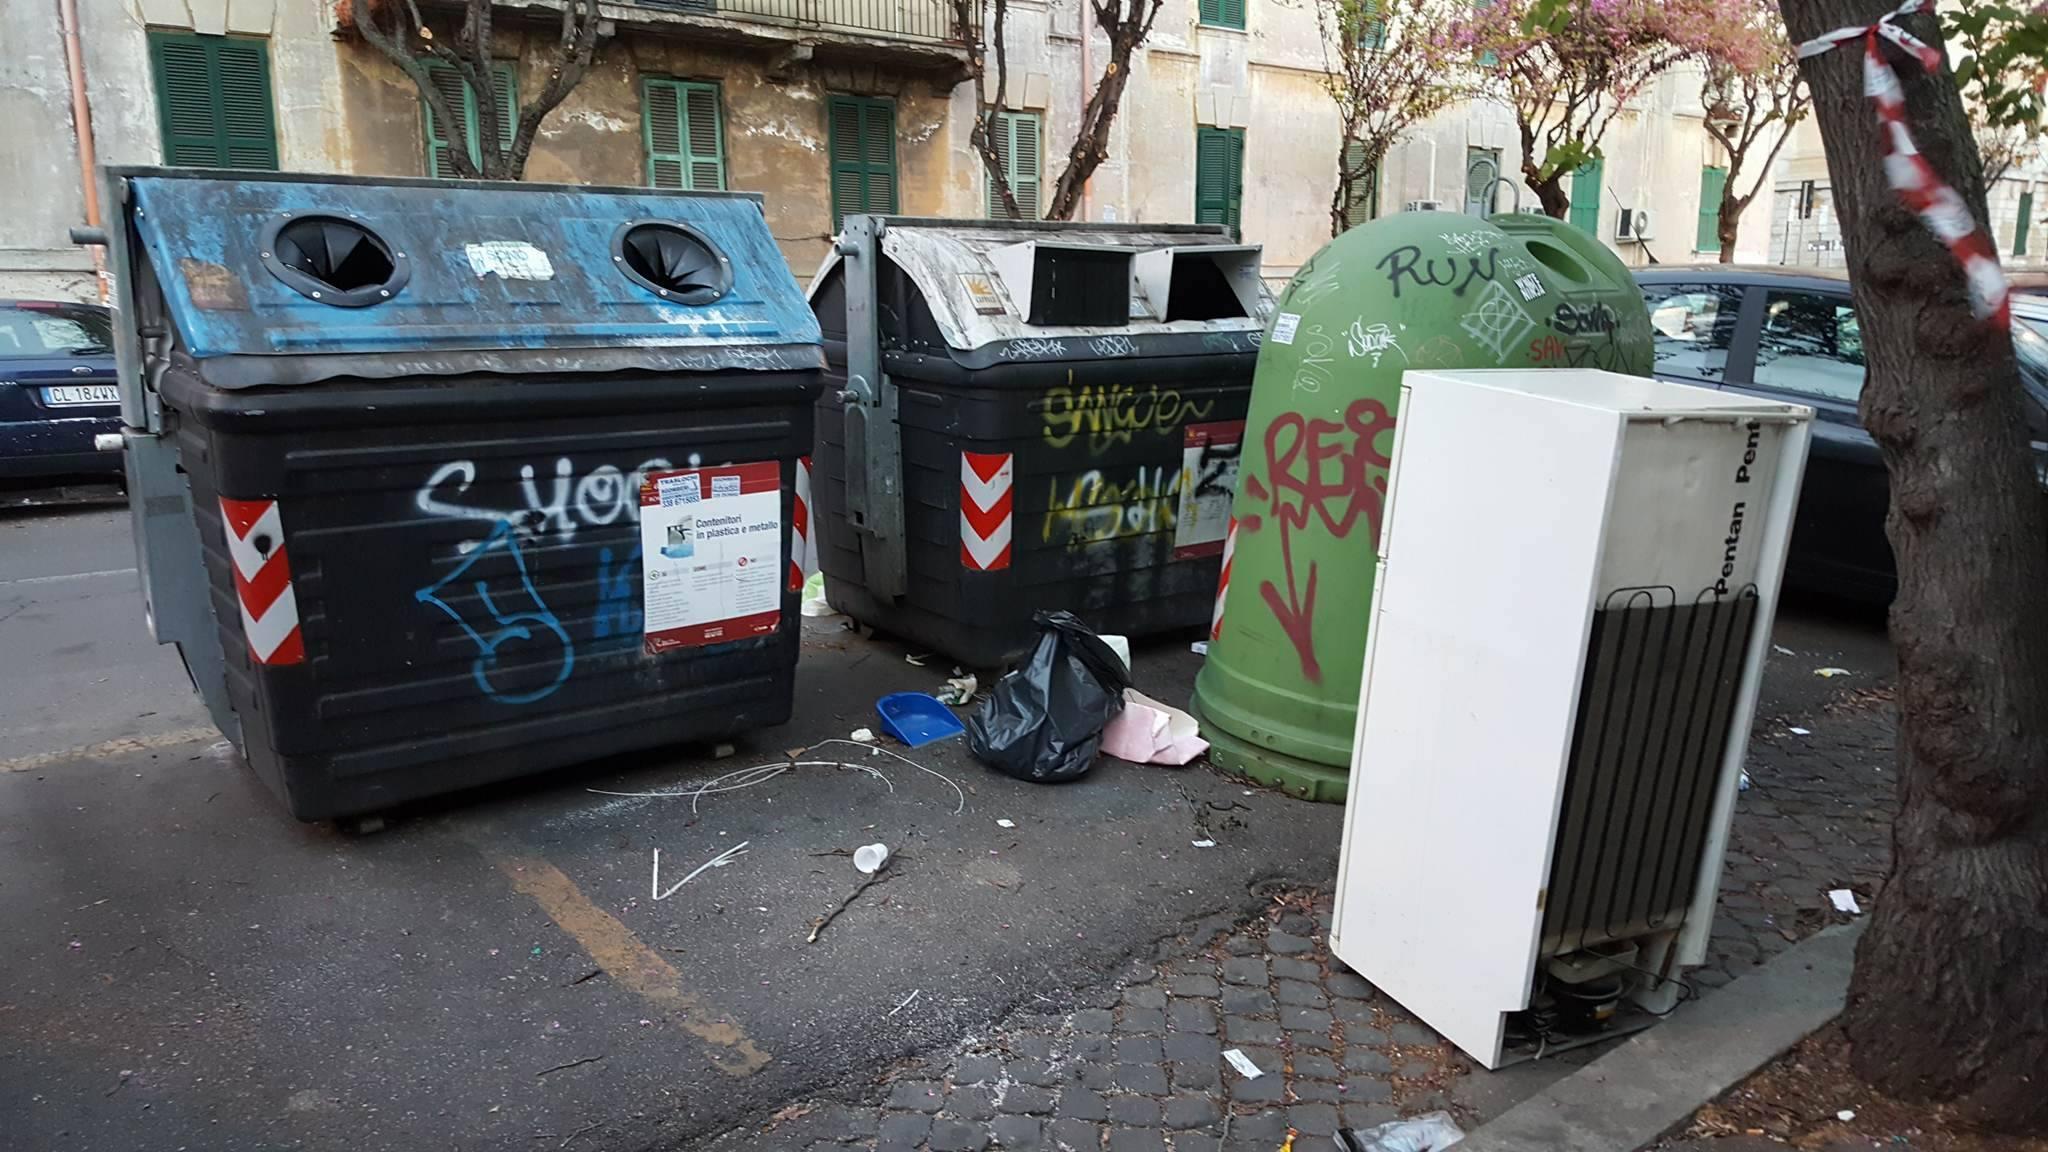 Spazzatura a Roma (dal blog romafaschifo)